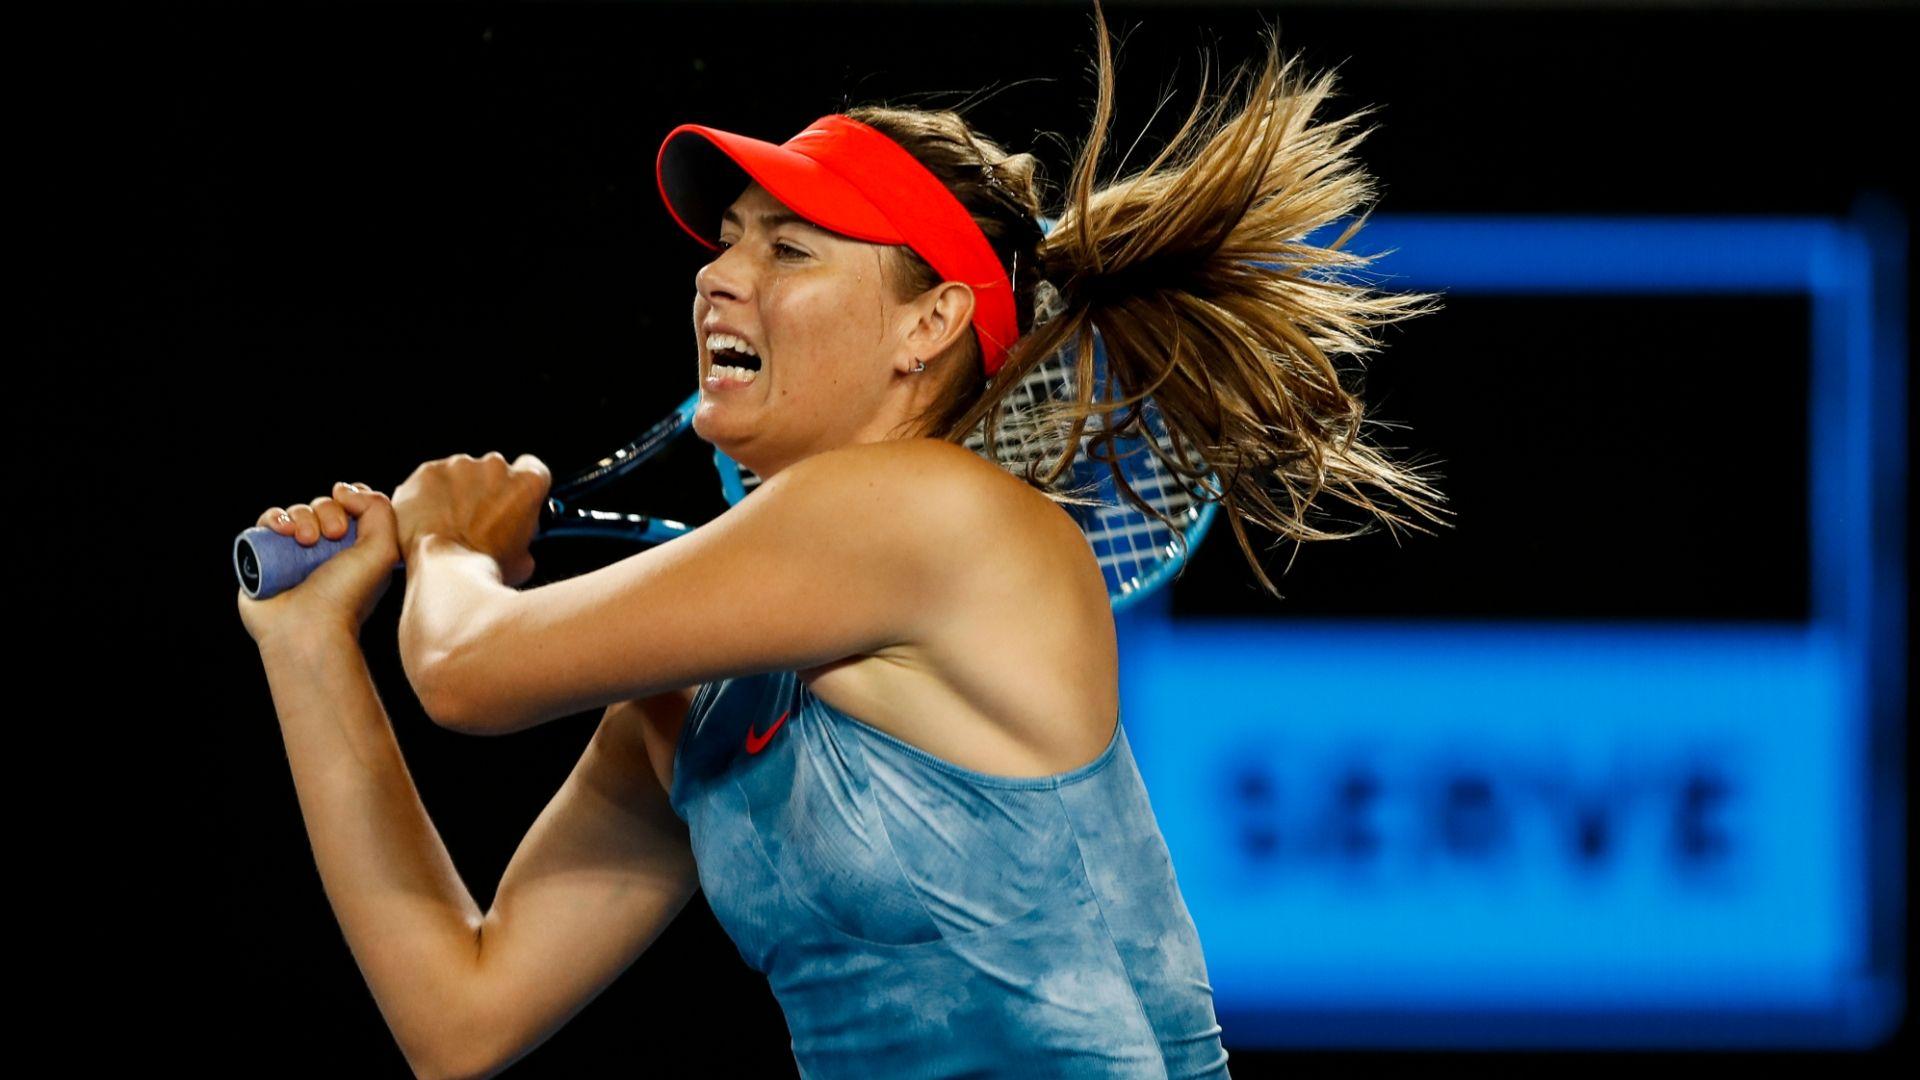 Sharapova advances to set up showdown with Wozniacki